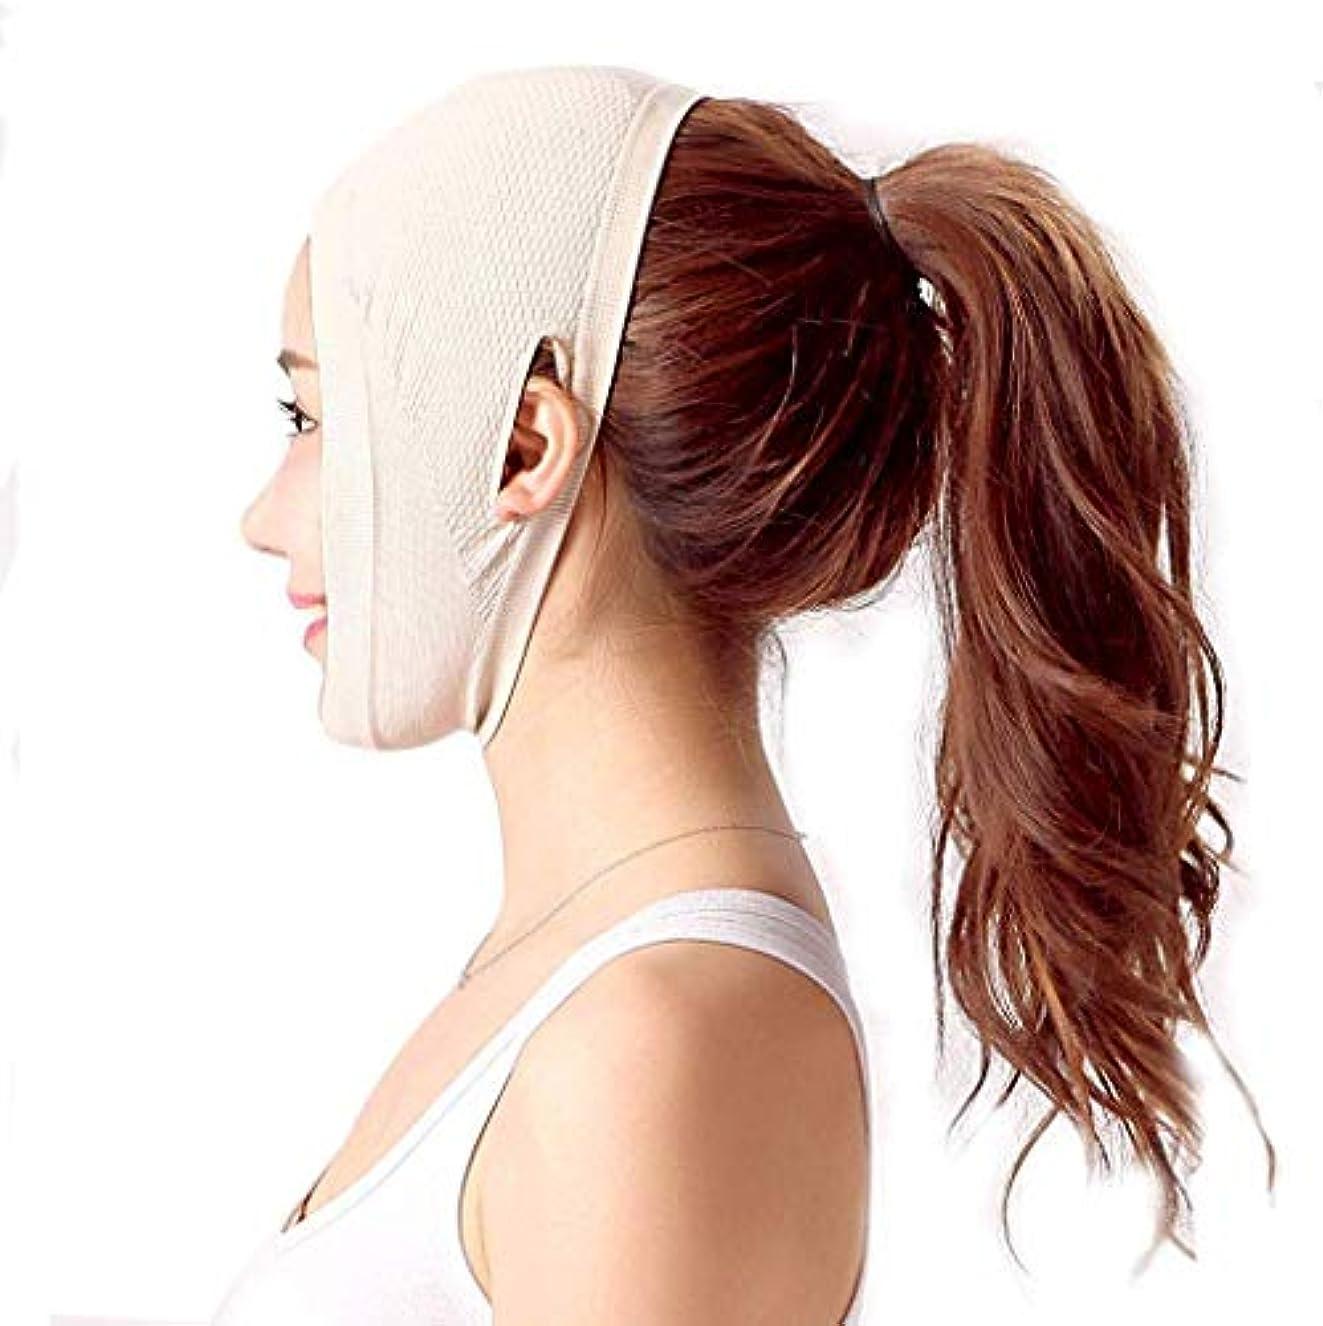 シンカン読者無数のSlim身Vフェイスマスク、整形手術病院ライン彫刻術後回復ヘッドギア医療マスク睡眠Vフェイスリフティング包帯薄いフェイスマスク(色:肌のトーン(A))